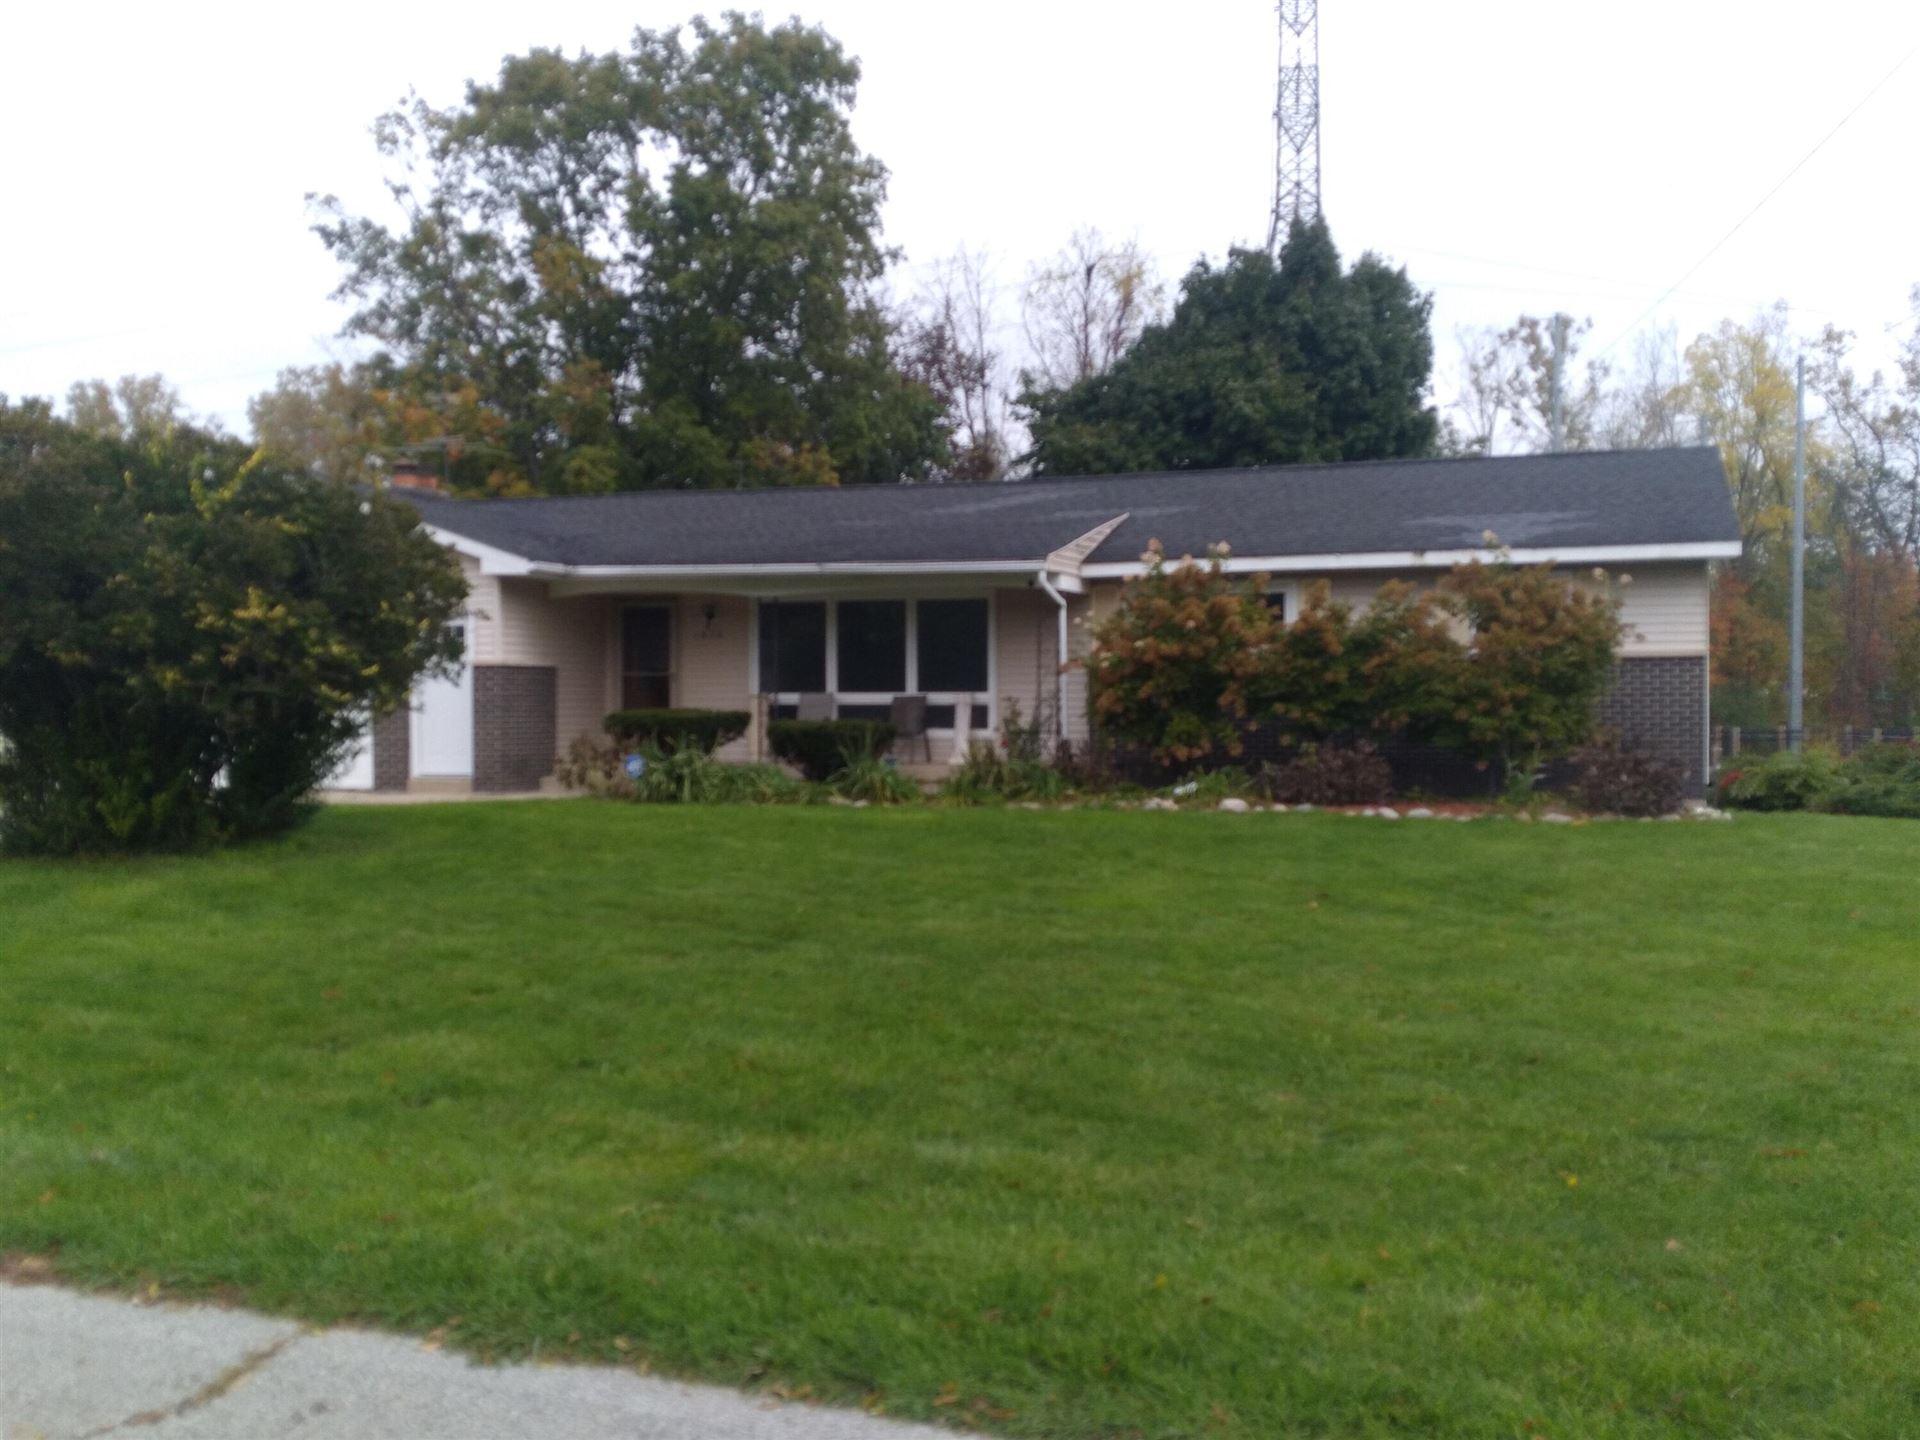 1975 Creekridge Drive SE, Kentwood, MI 49508 - MLS#: 21112690